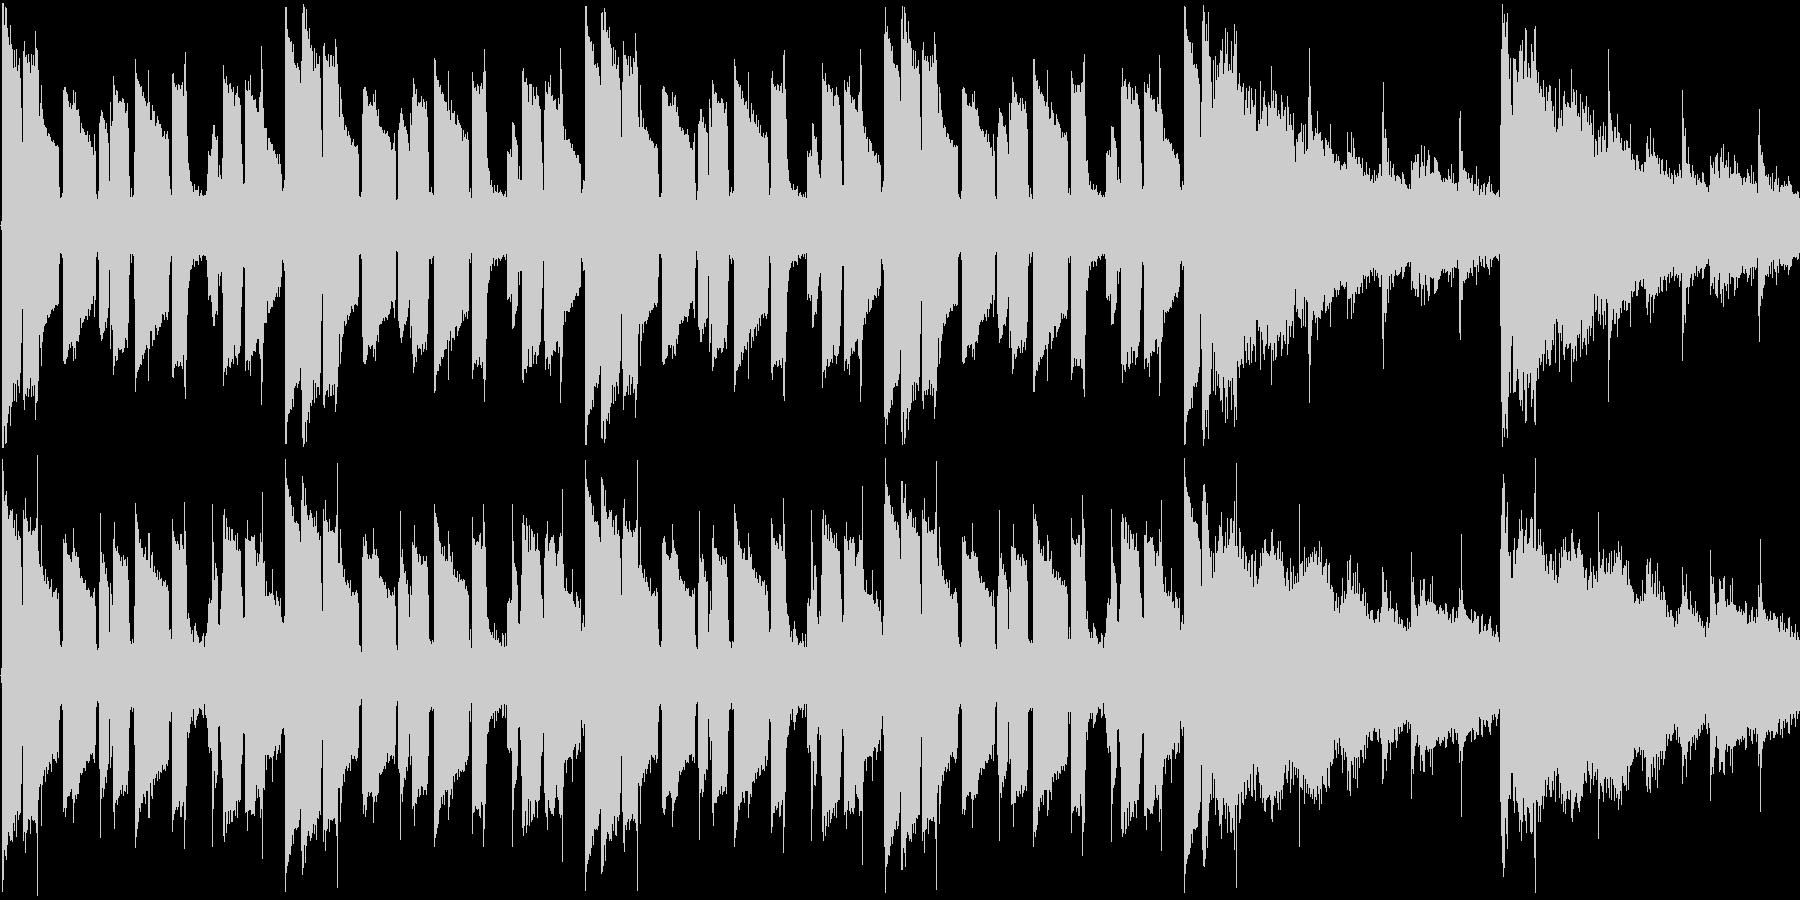 【JAZZギターソロ】の未再生の波形